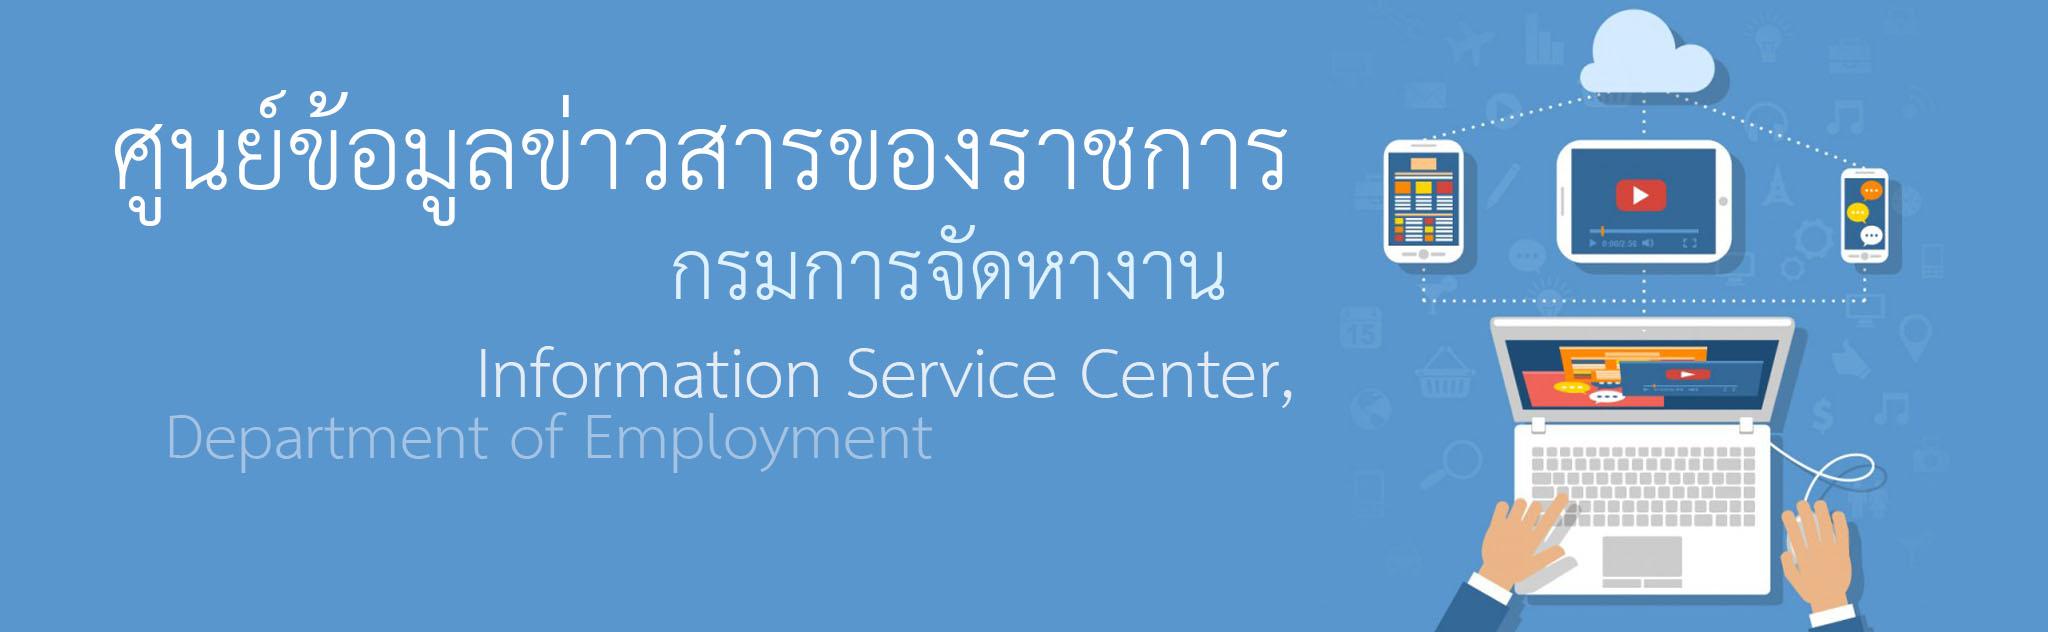 ศูนย์ข้อมูลข่าวสารของราชการ กรมการจัดหางาน